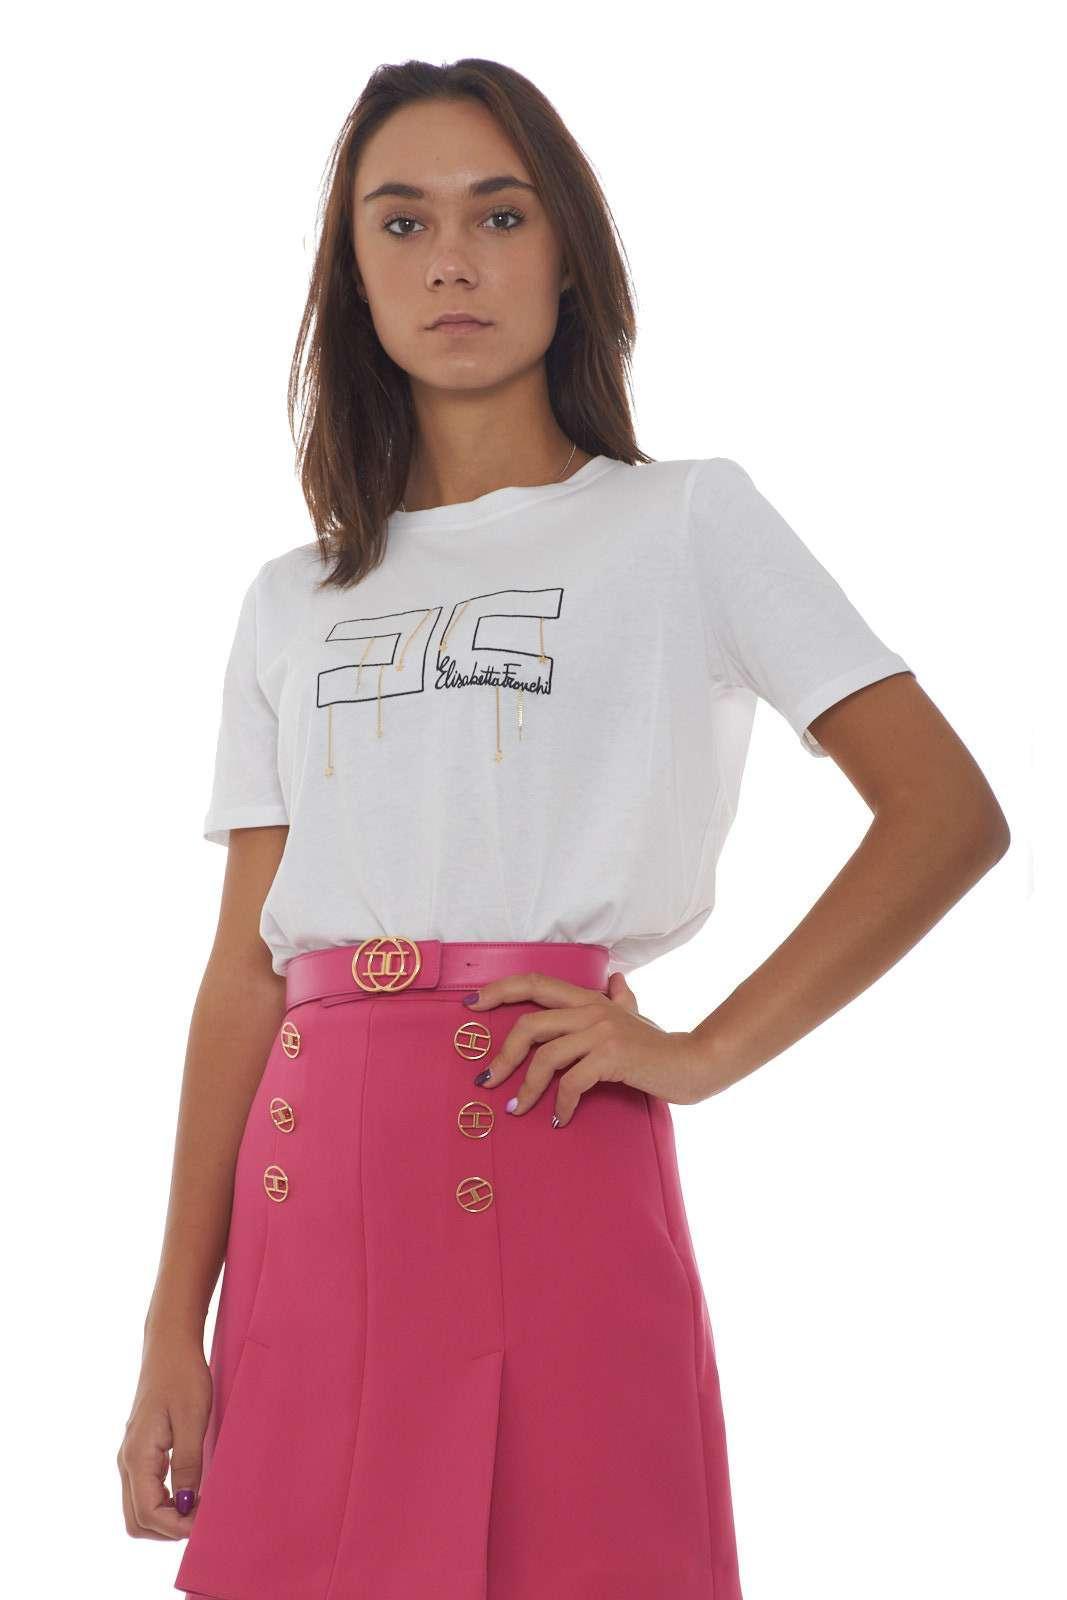 https://www.parmax.com/media/catalog/product/a/i/AI-outlet_parmax-t-shirt-donna-Elisabetta-Franchi-MA13496E2-A.jpg